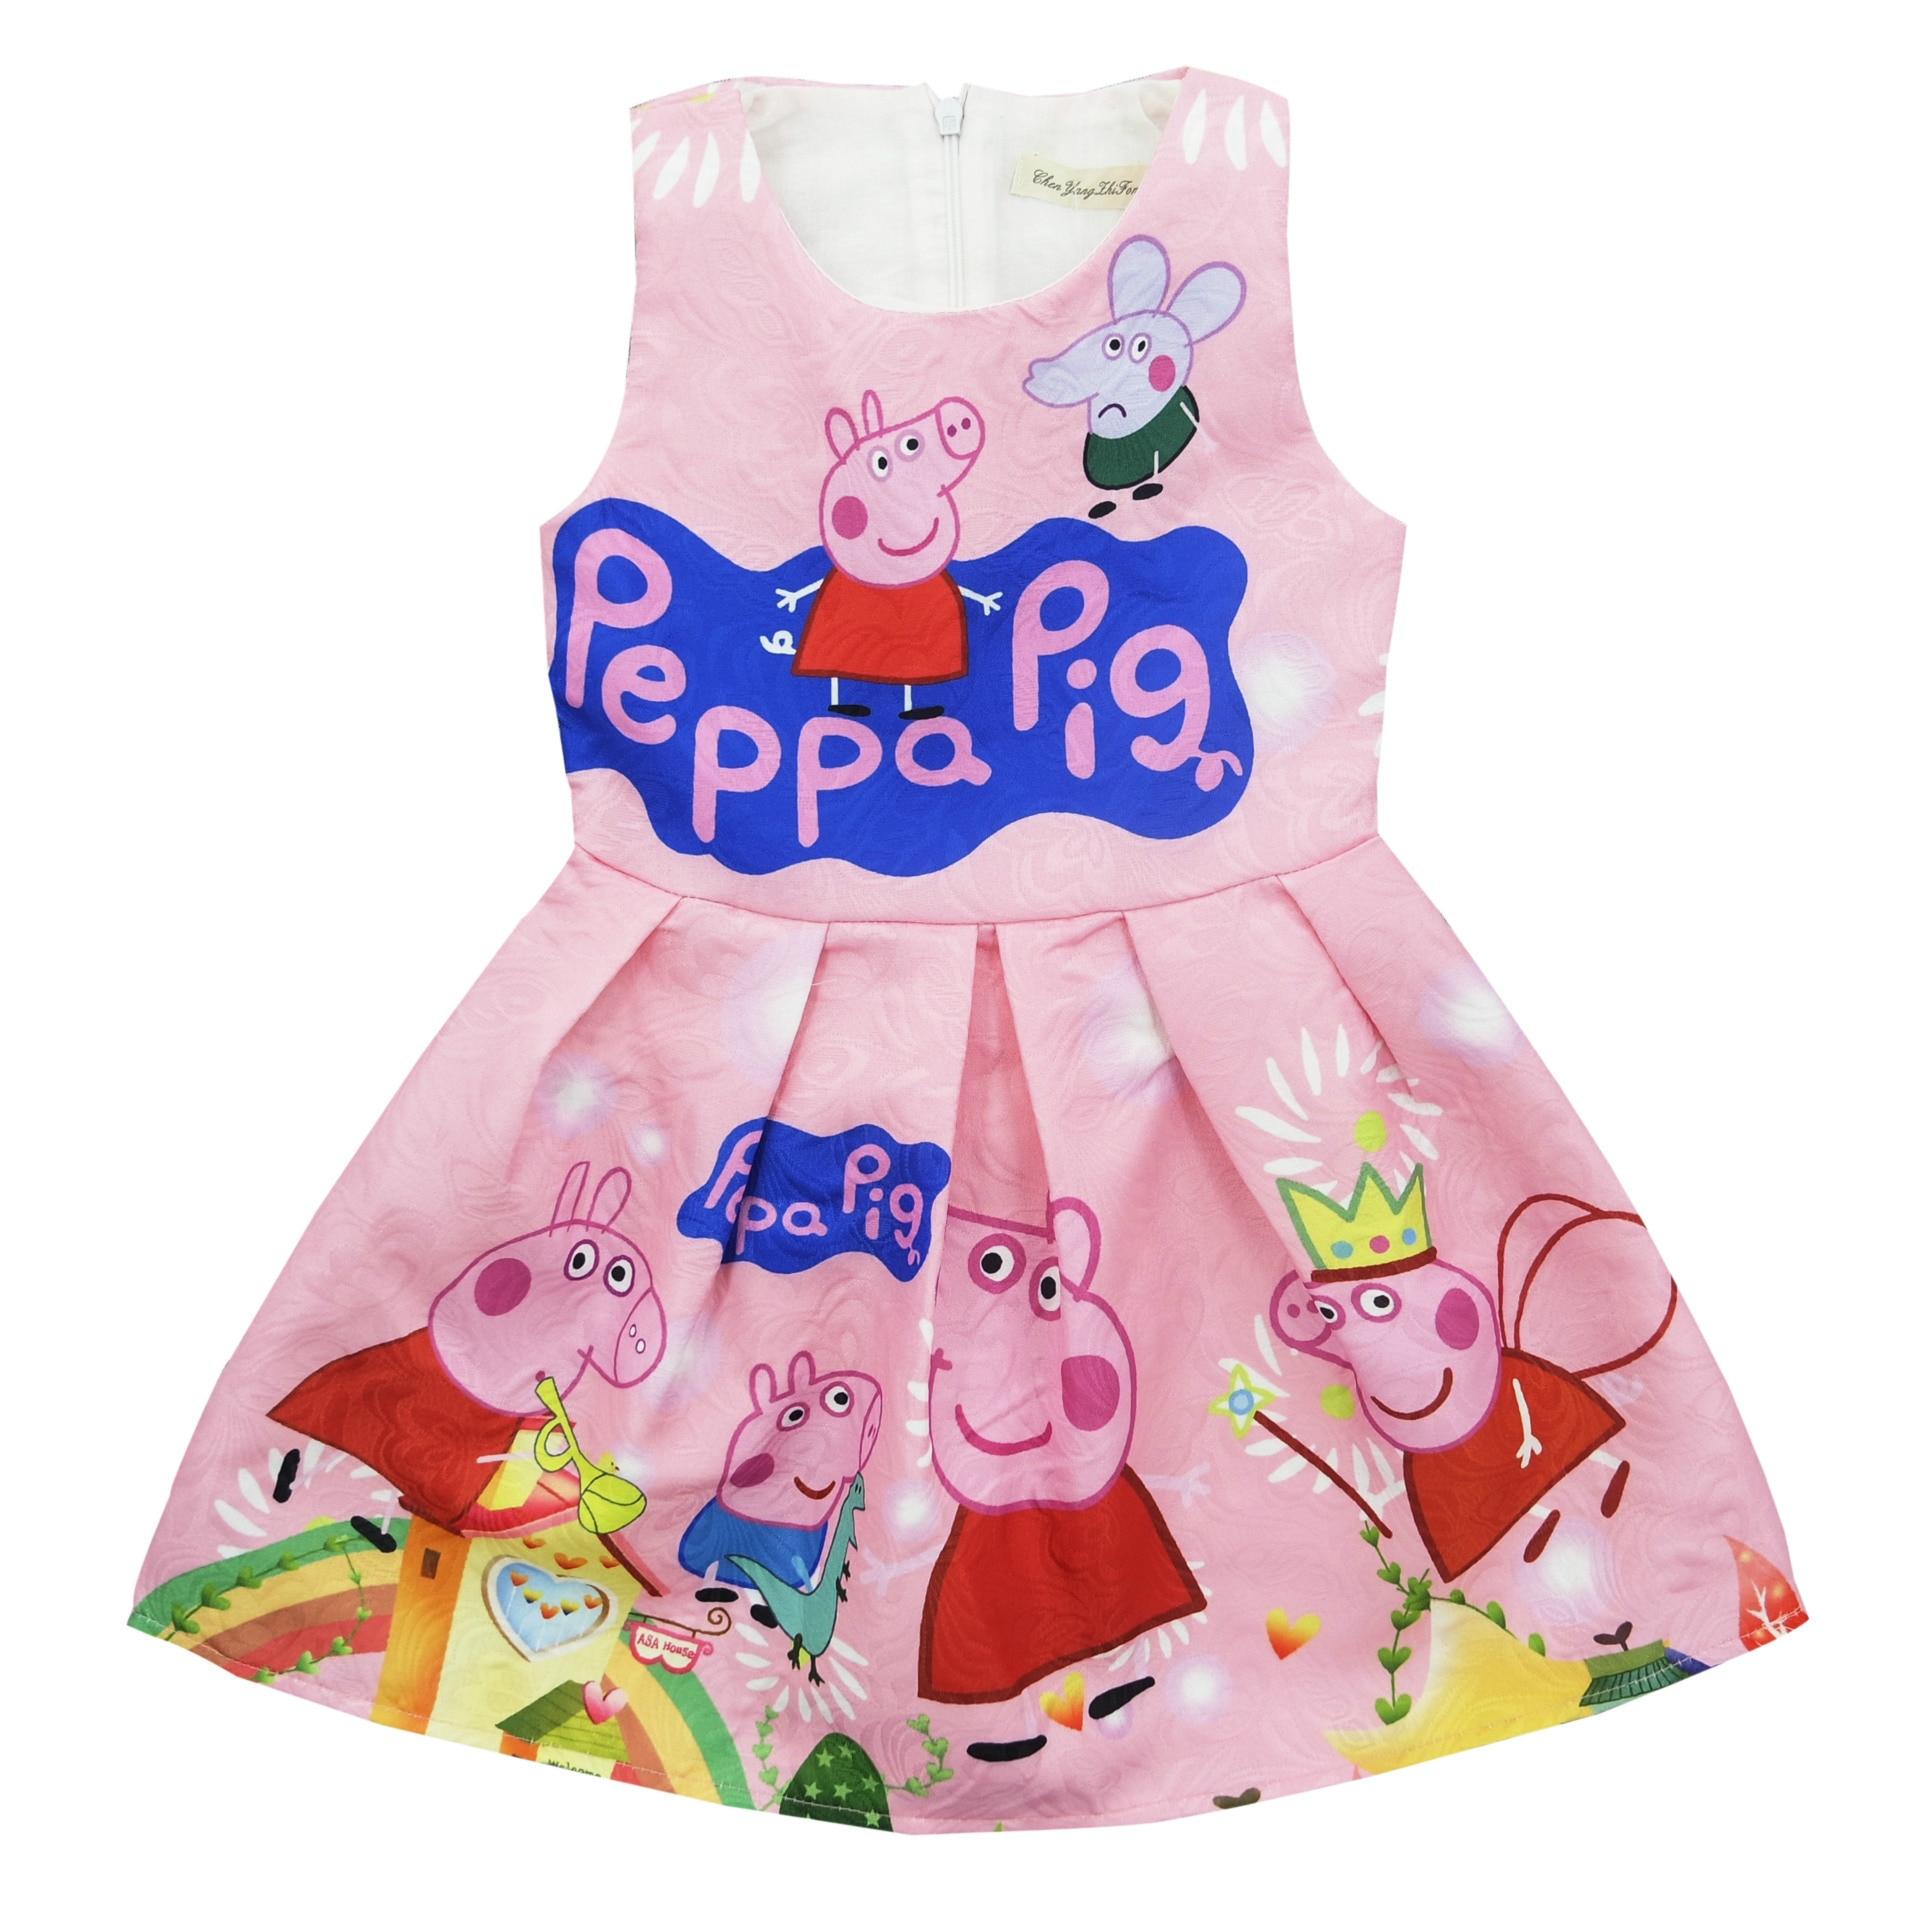 Peppa Pig, vestido de verano para niña de manga corta, vestido de princesa para fiesta, vestido para niña, disfraz de Cosplay de cumpleaños, ropa para niños pequeños 2020 nuevo vestido de baile de lentejuelas listo para enviar tamaño US2-US14 vestido para quinceañeras 15 años Formal baile de graduación cumpleaños